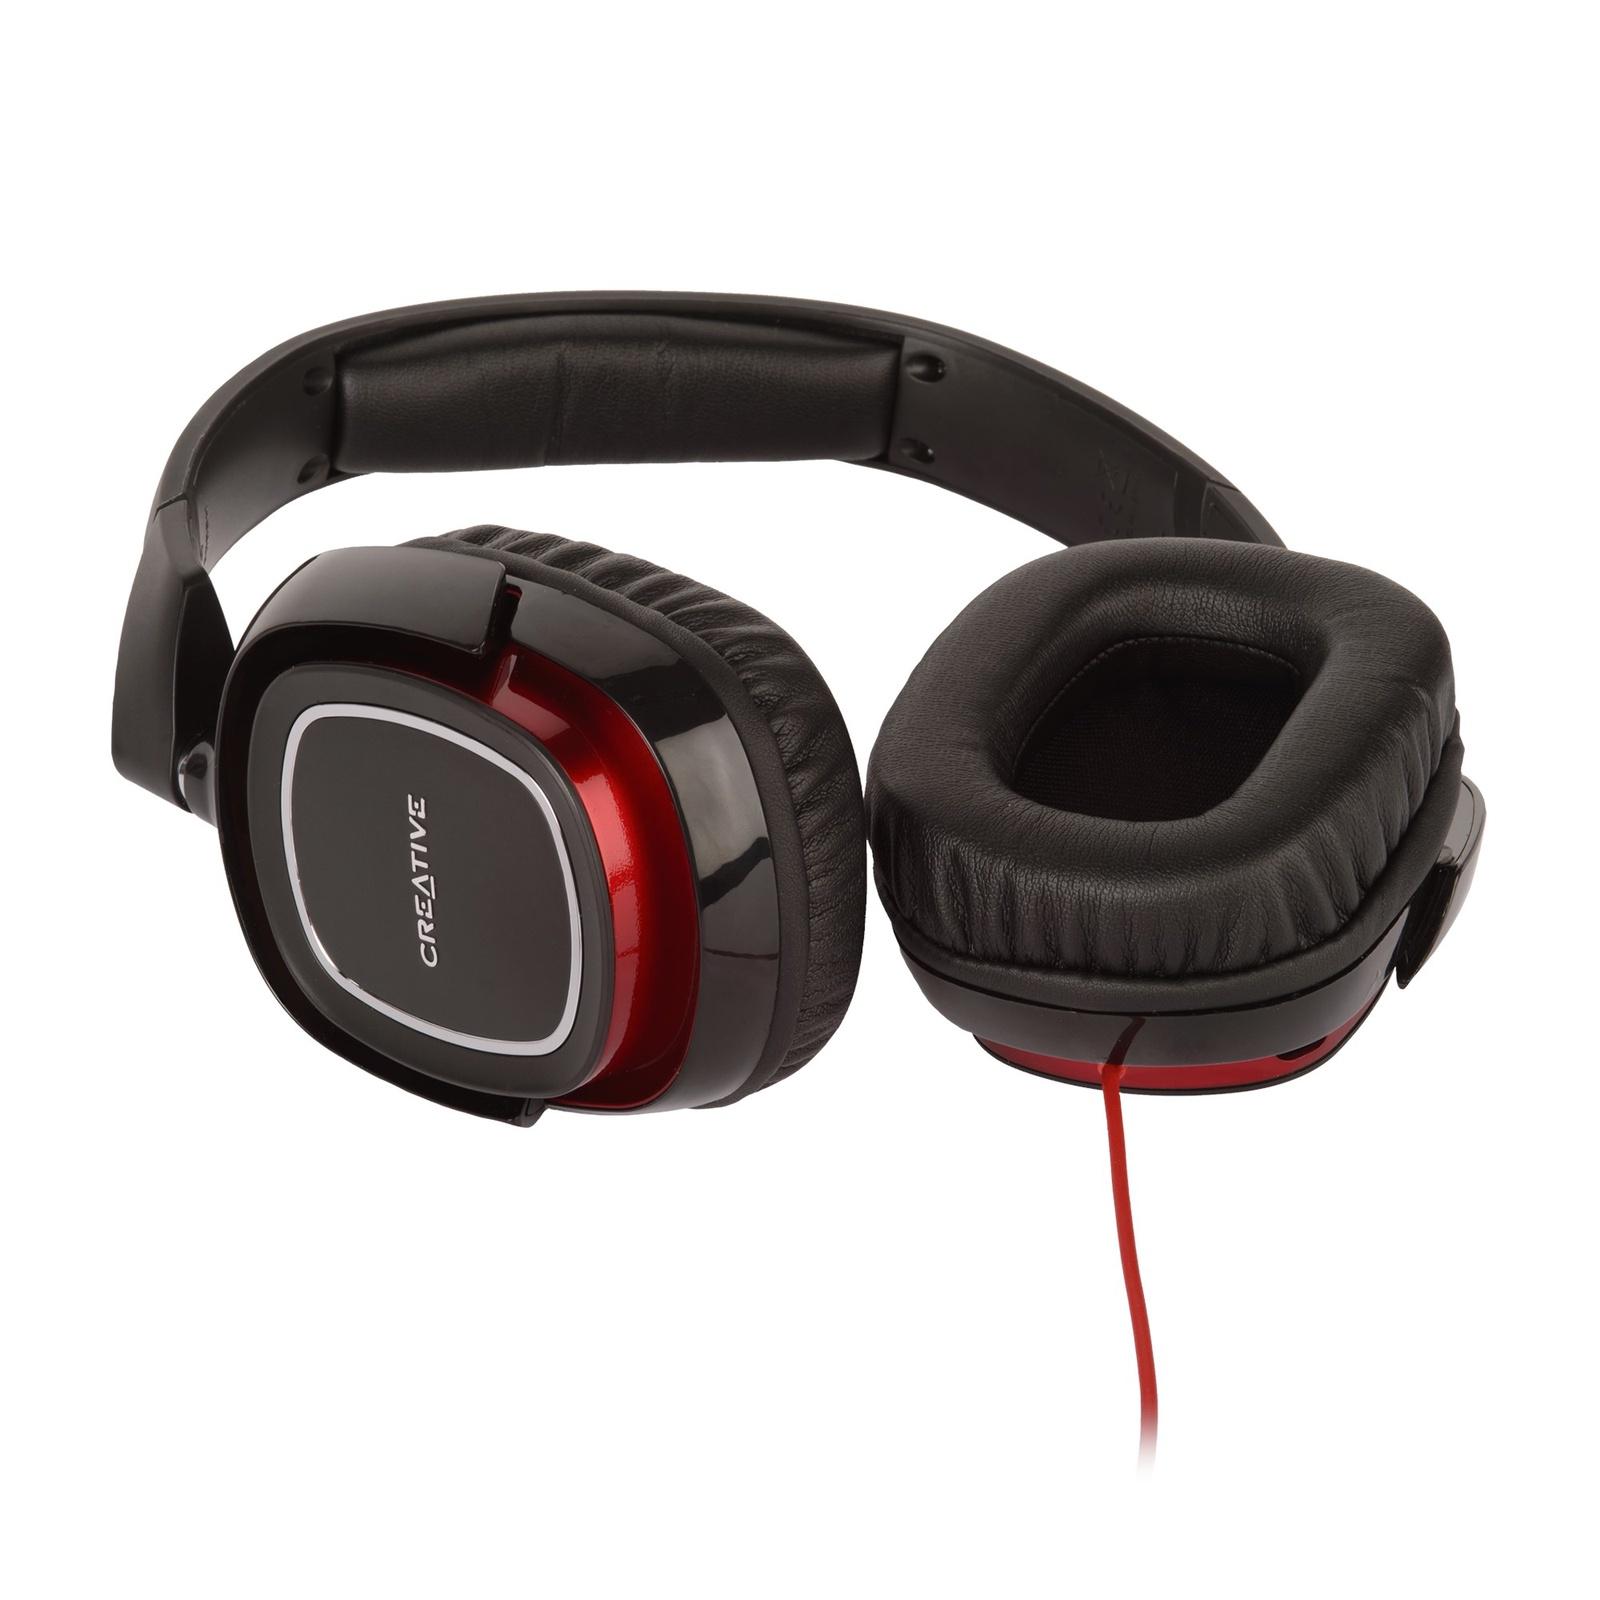 Компьютерная гарнитура Creative DRACO (HS-880), черный, красный creative hs 730i